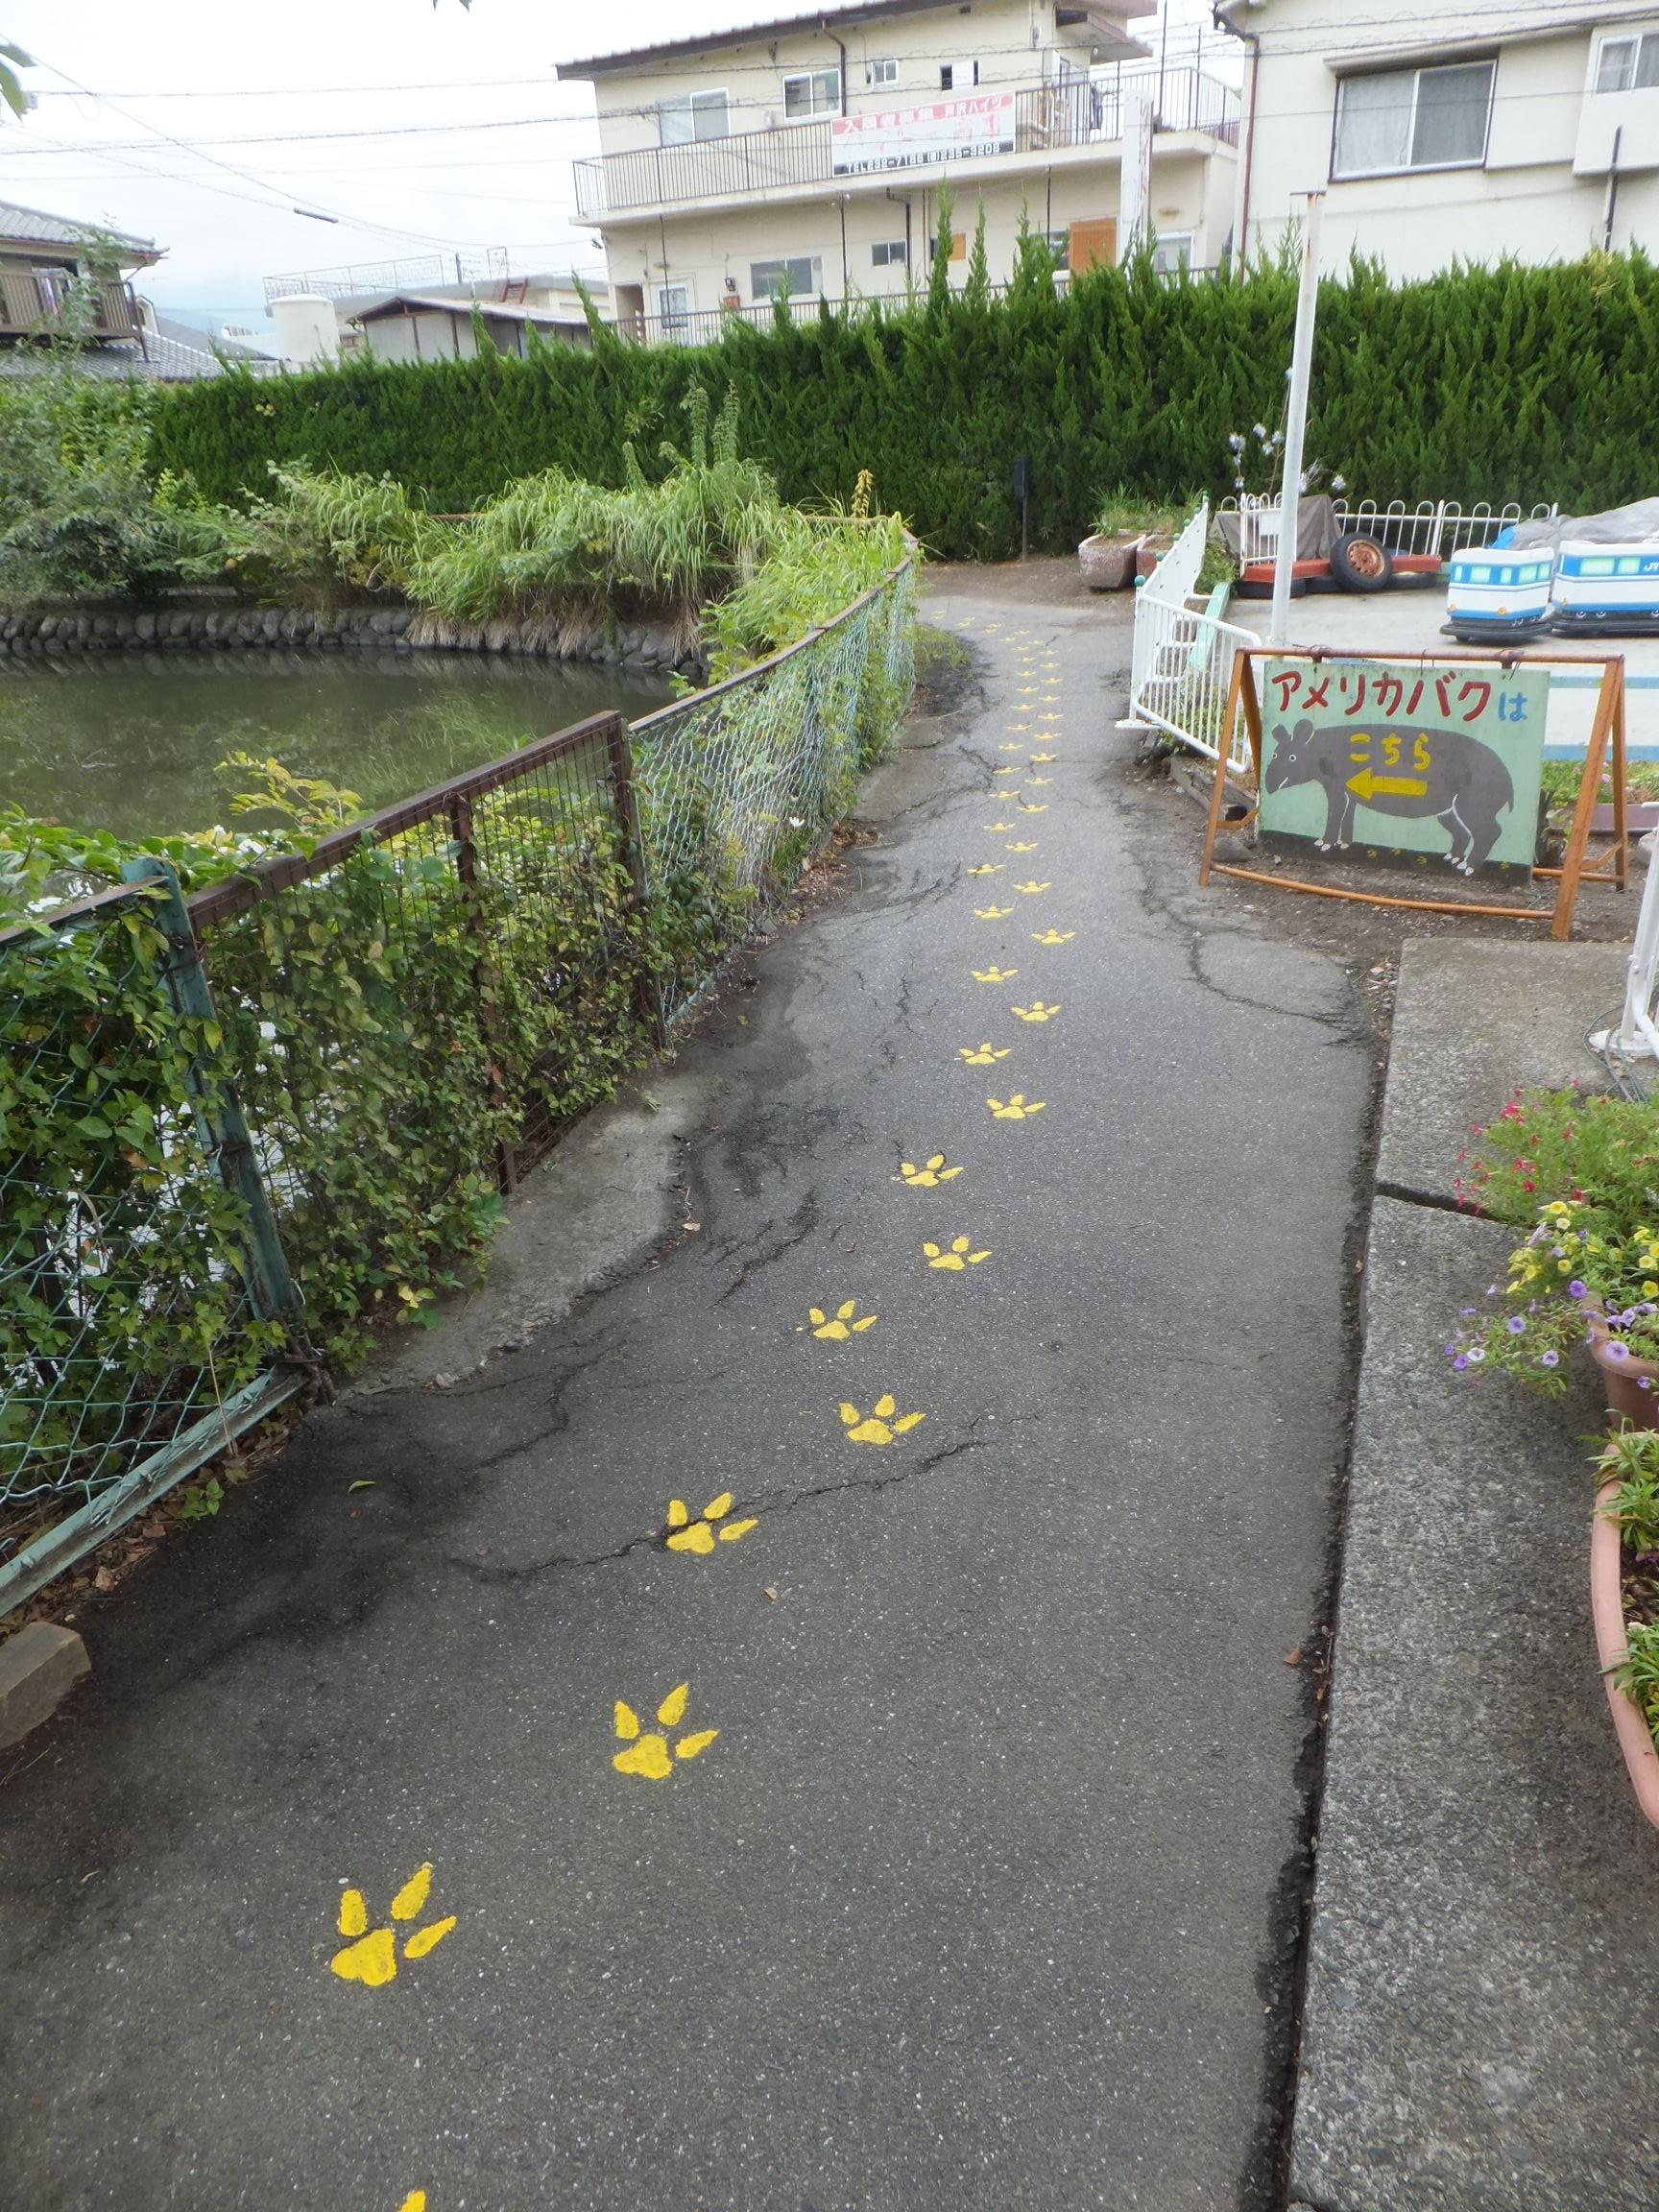 黄色い足跡がバクの住処に誘う